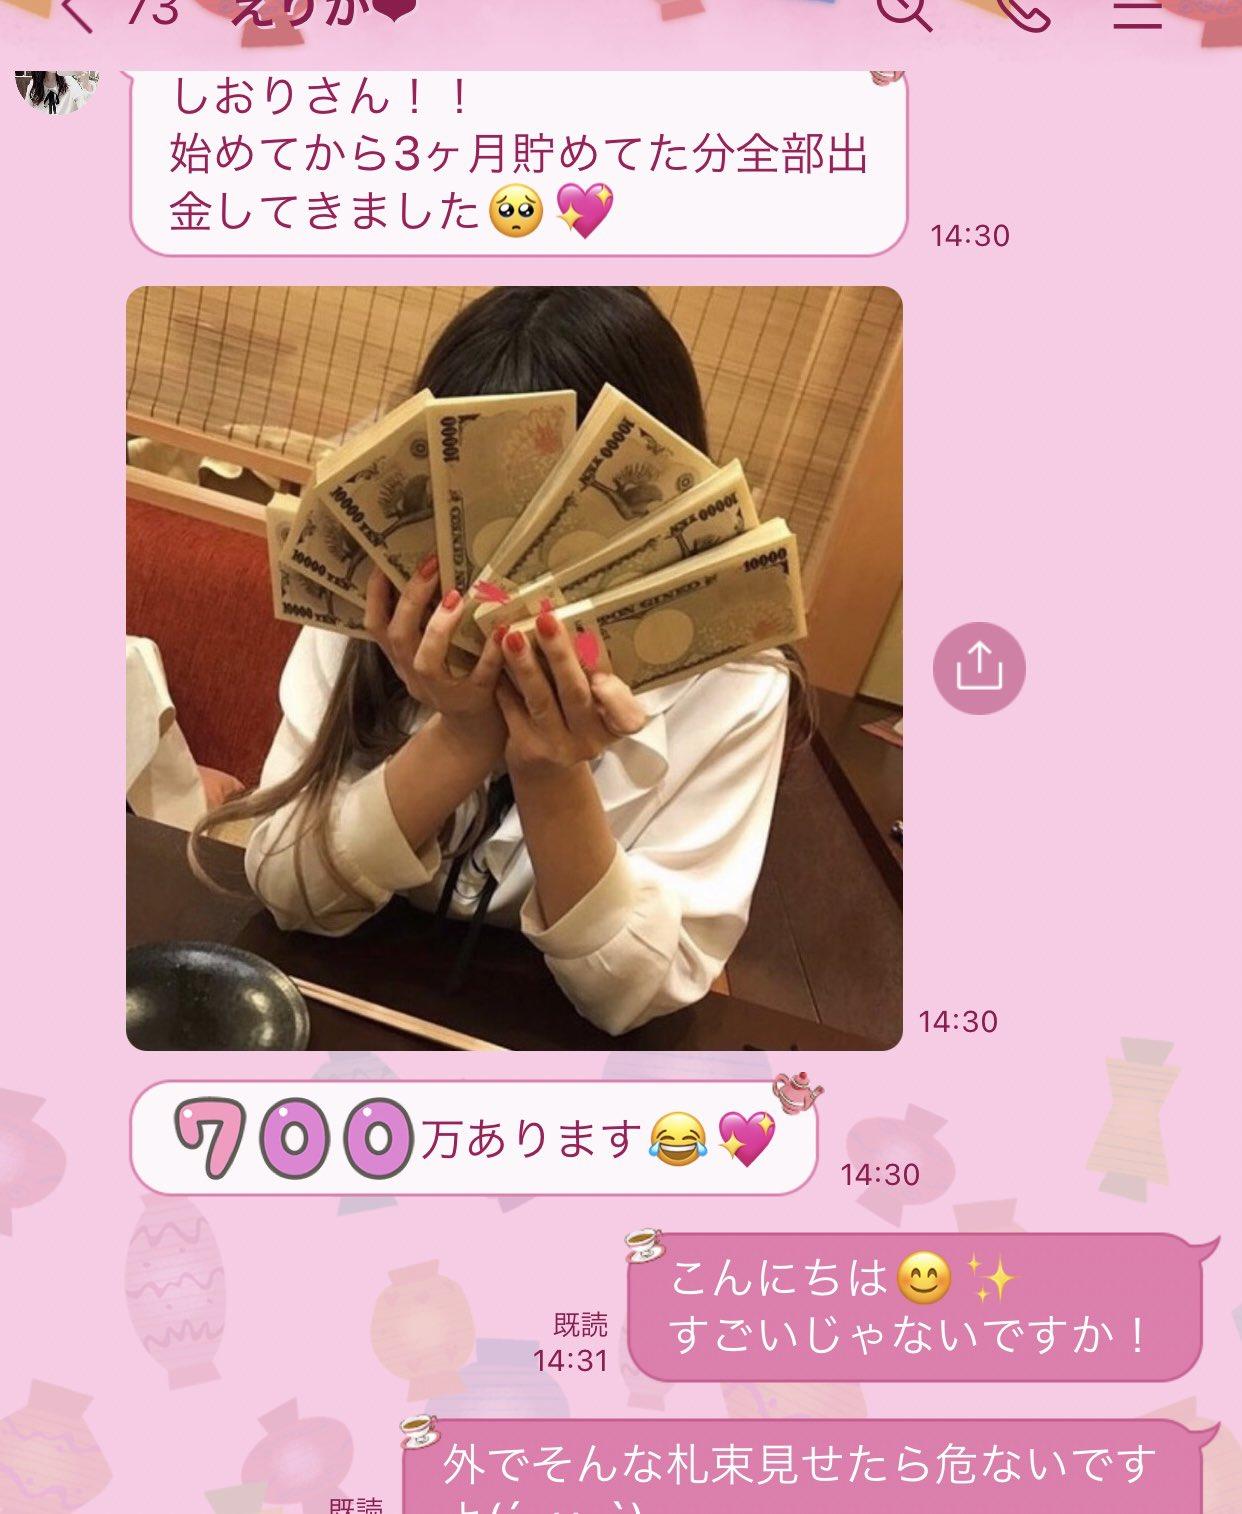 酒気帯び運転 Photo,酒気帯び運転 Twitter Trend : Most Popular Tweets